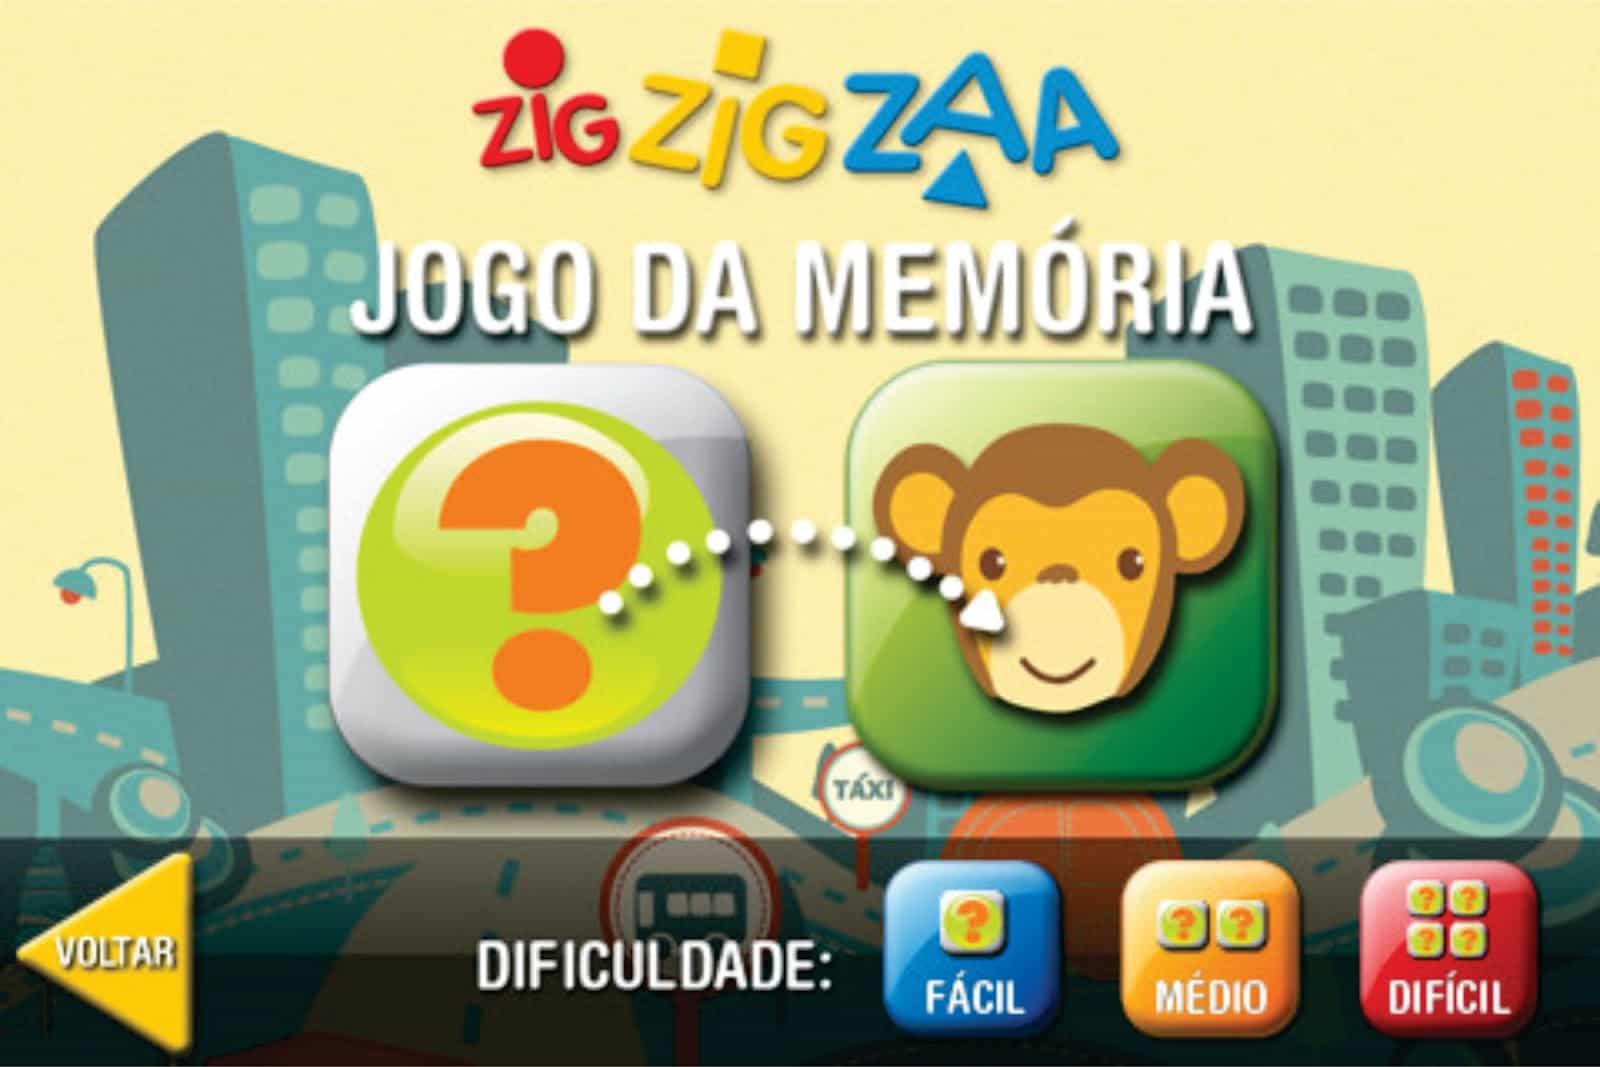 aplicativo zig zig zaa para android e ios